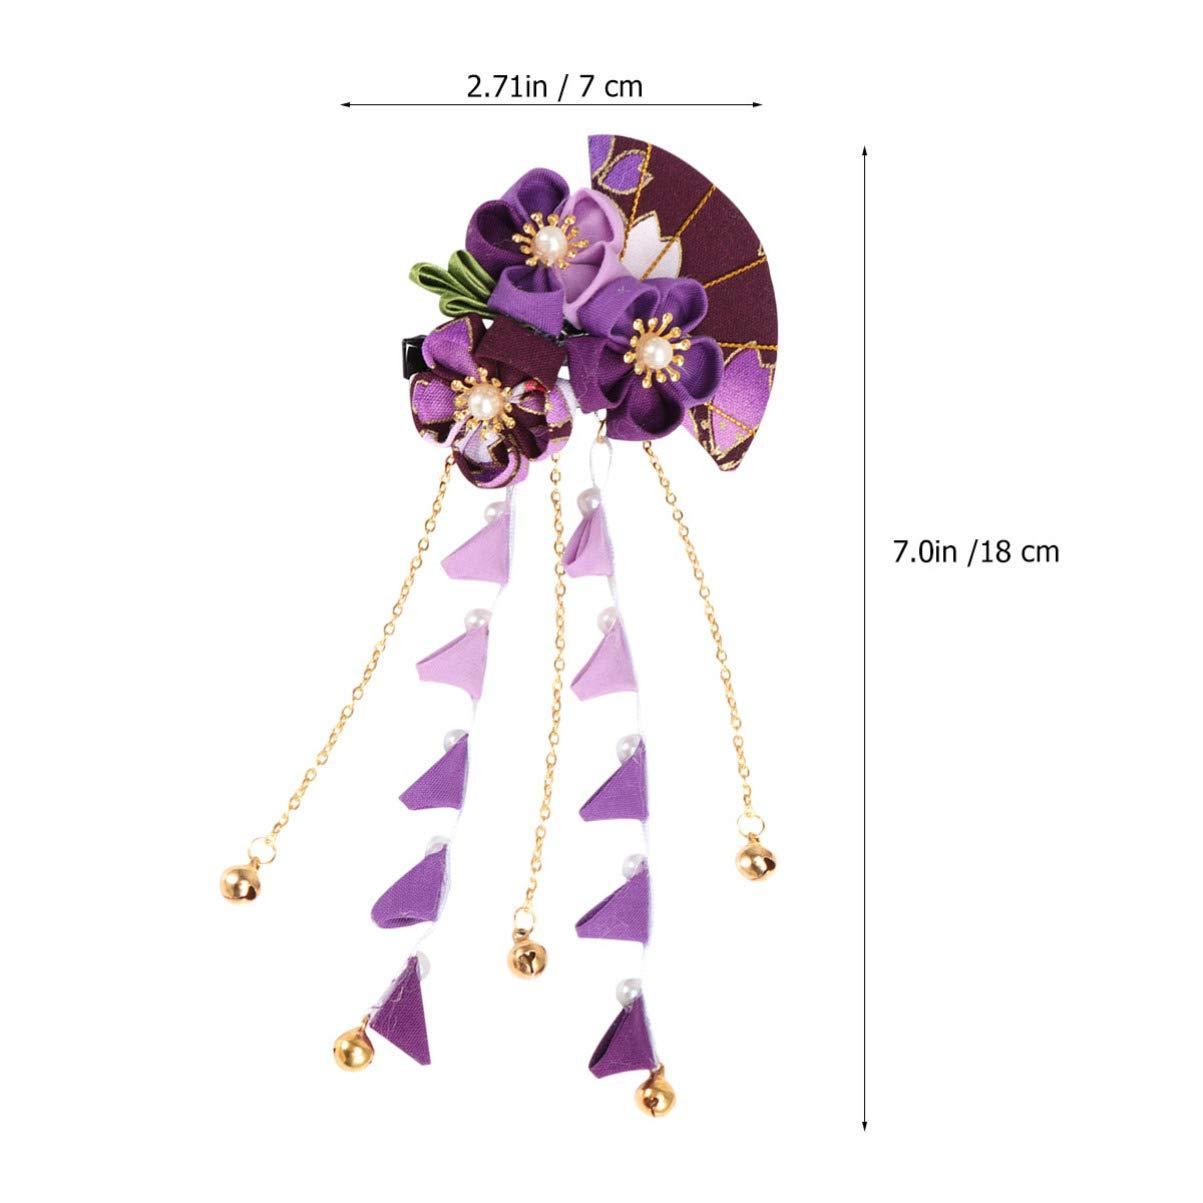 Cream White Kimono Barrette 60mm Barrette Japanese Fabric Hair Clip